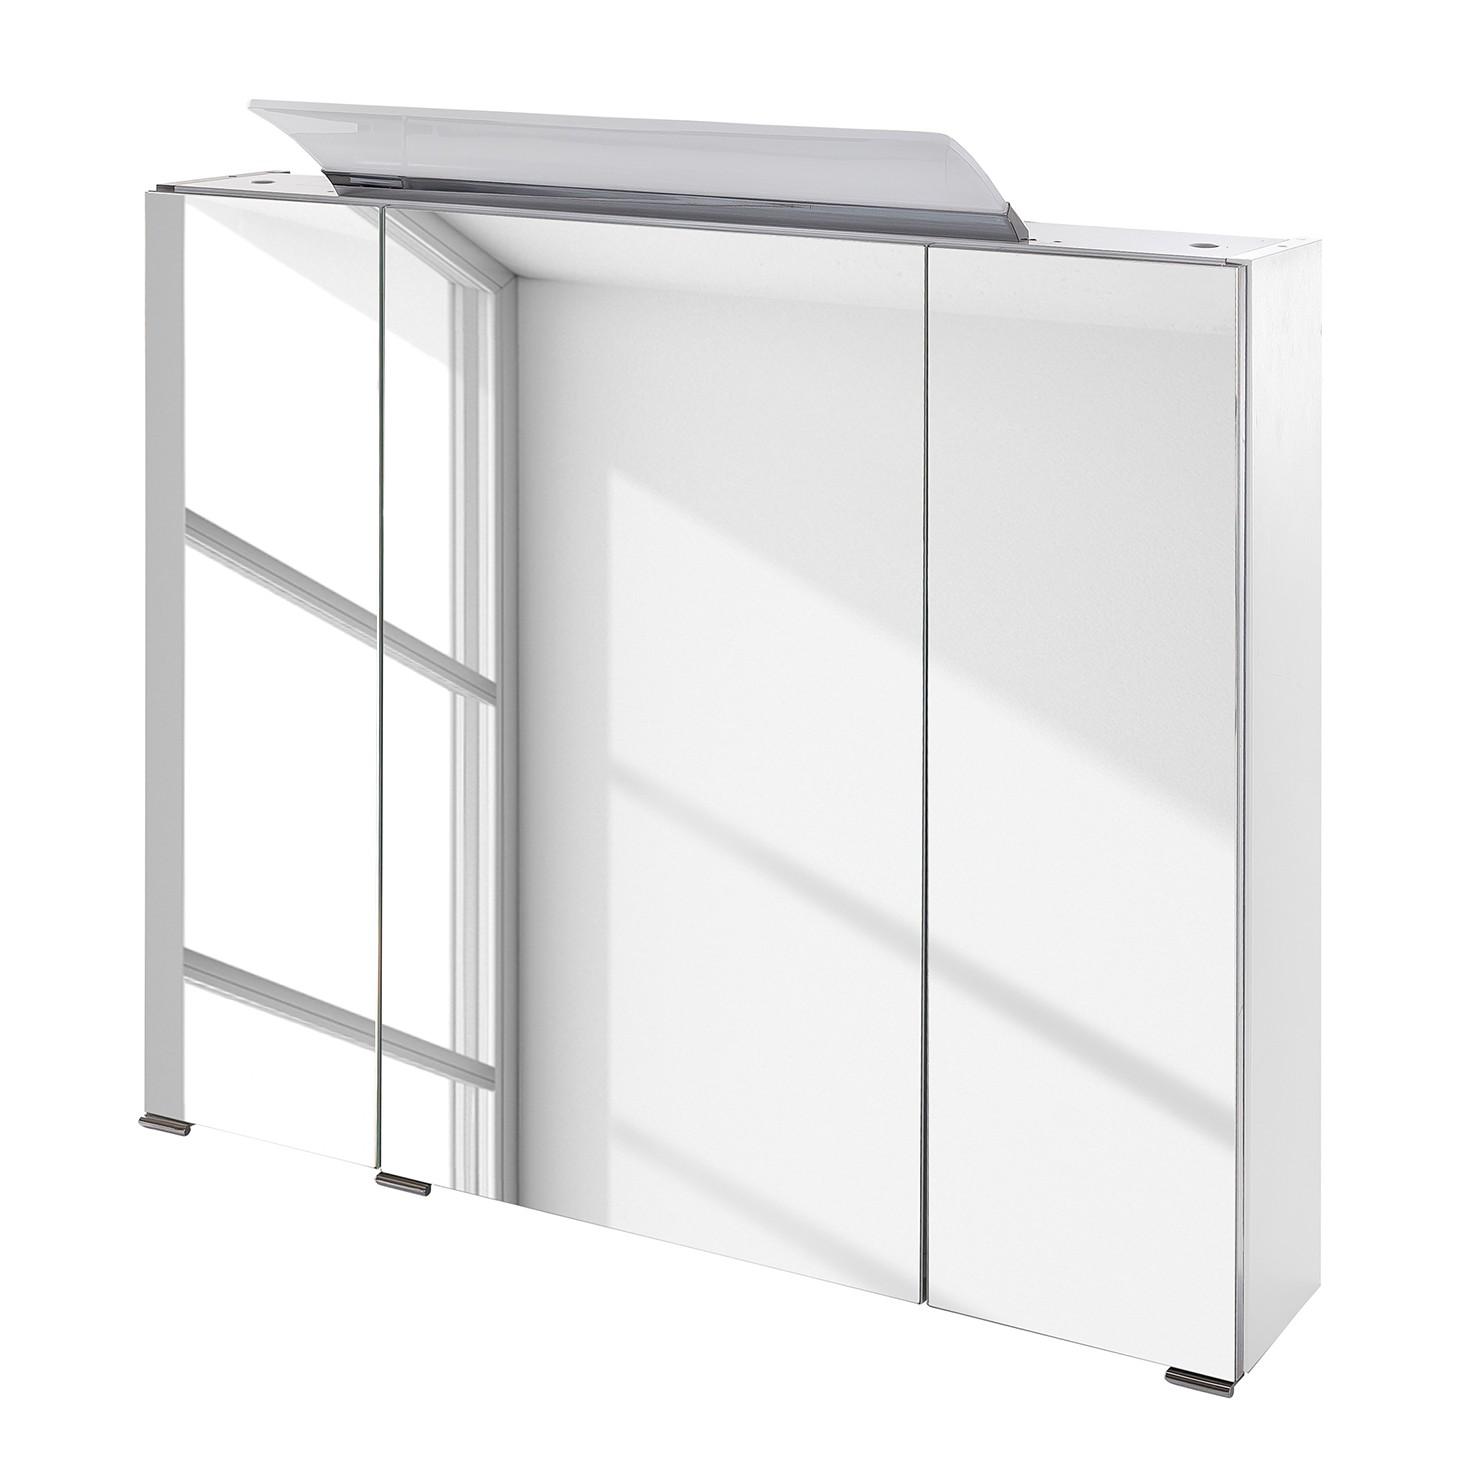 energia A+, Armadietto a specchio Bodo (illuminazione inclusa) - Bianco, Schildmeyer